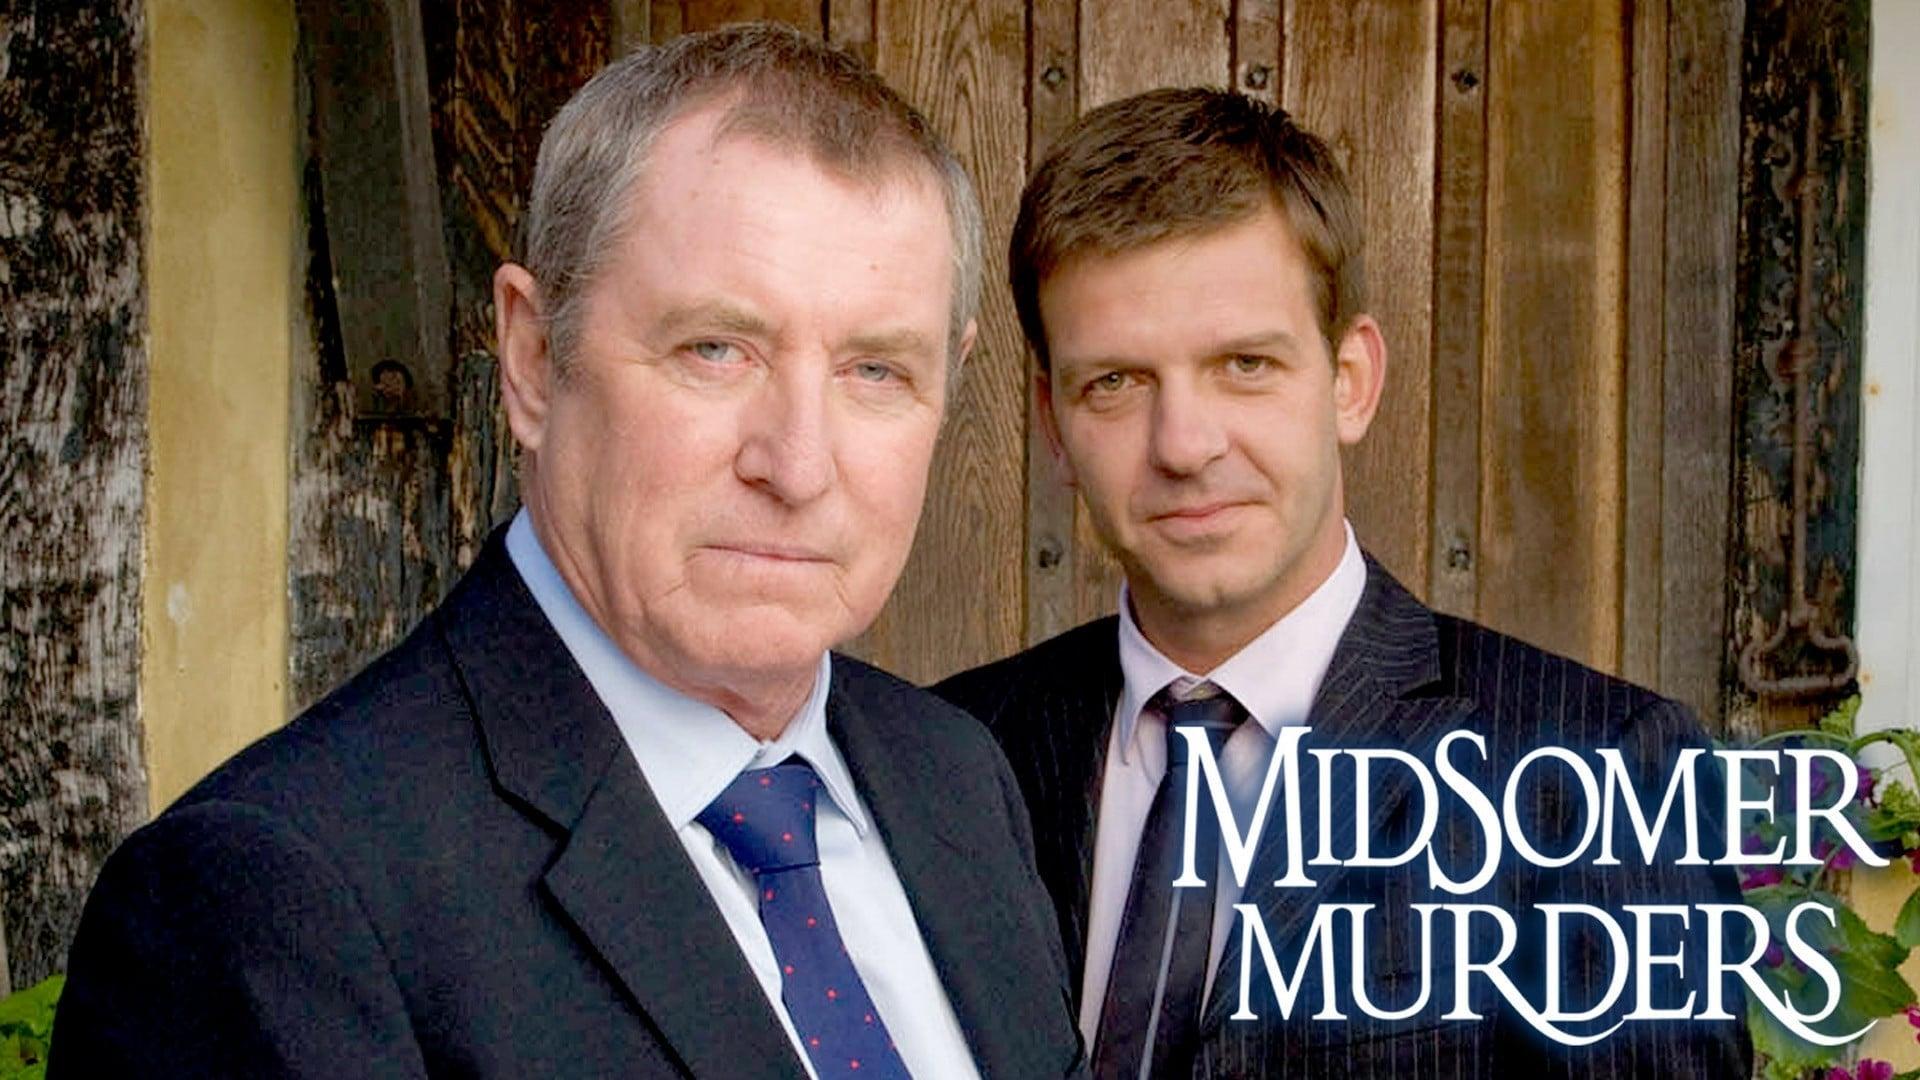 Midsomer Murders - Season 8